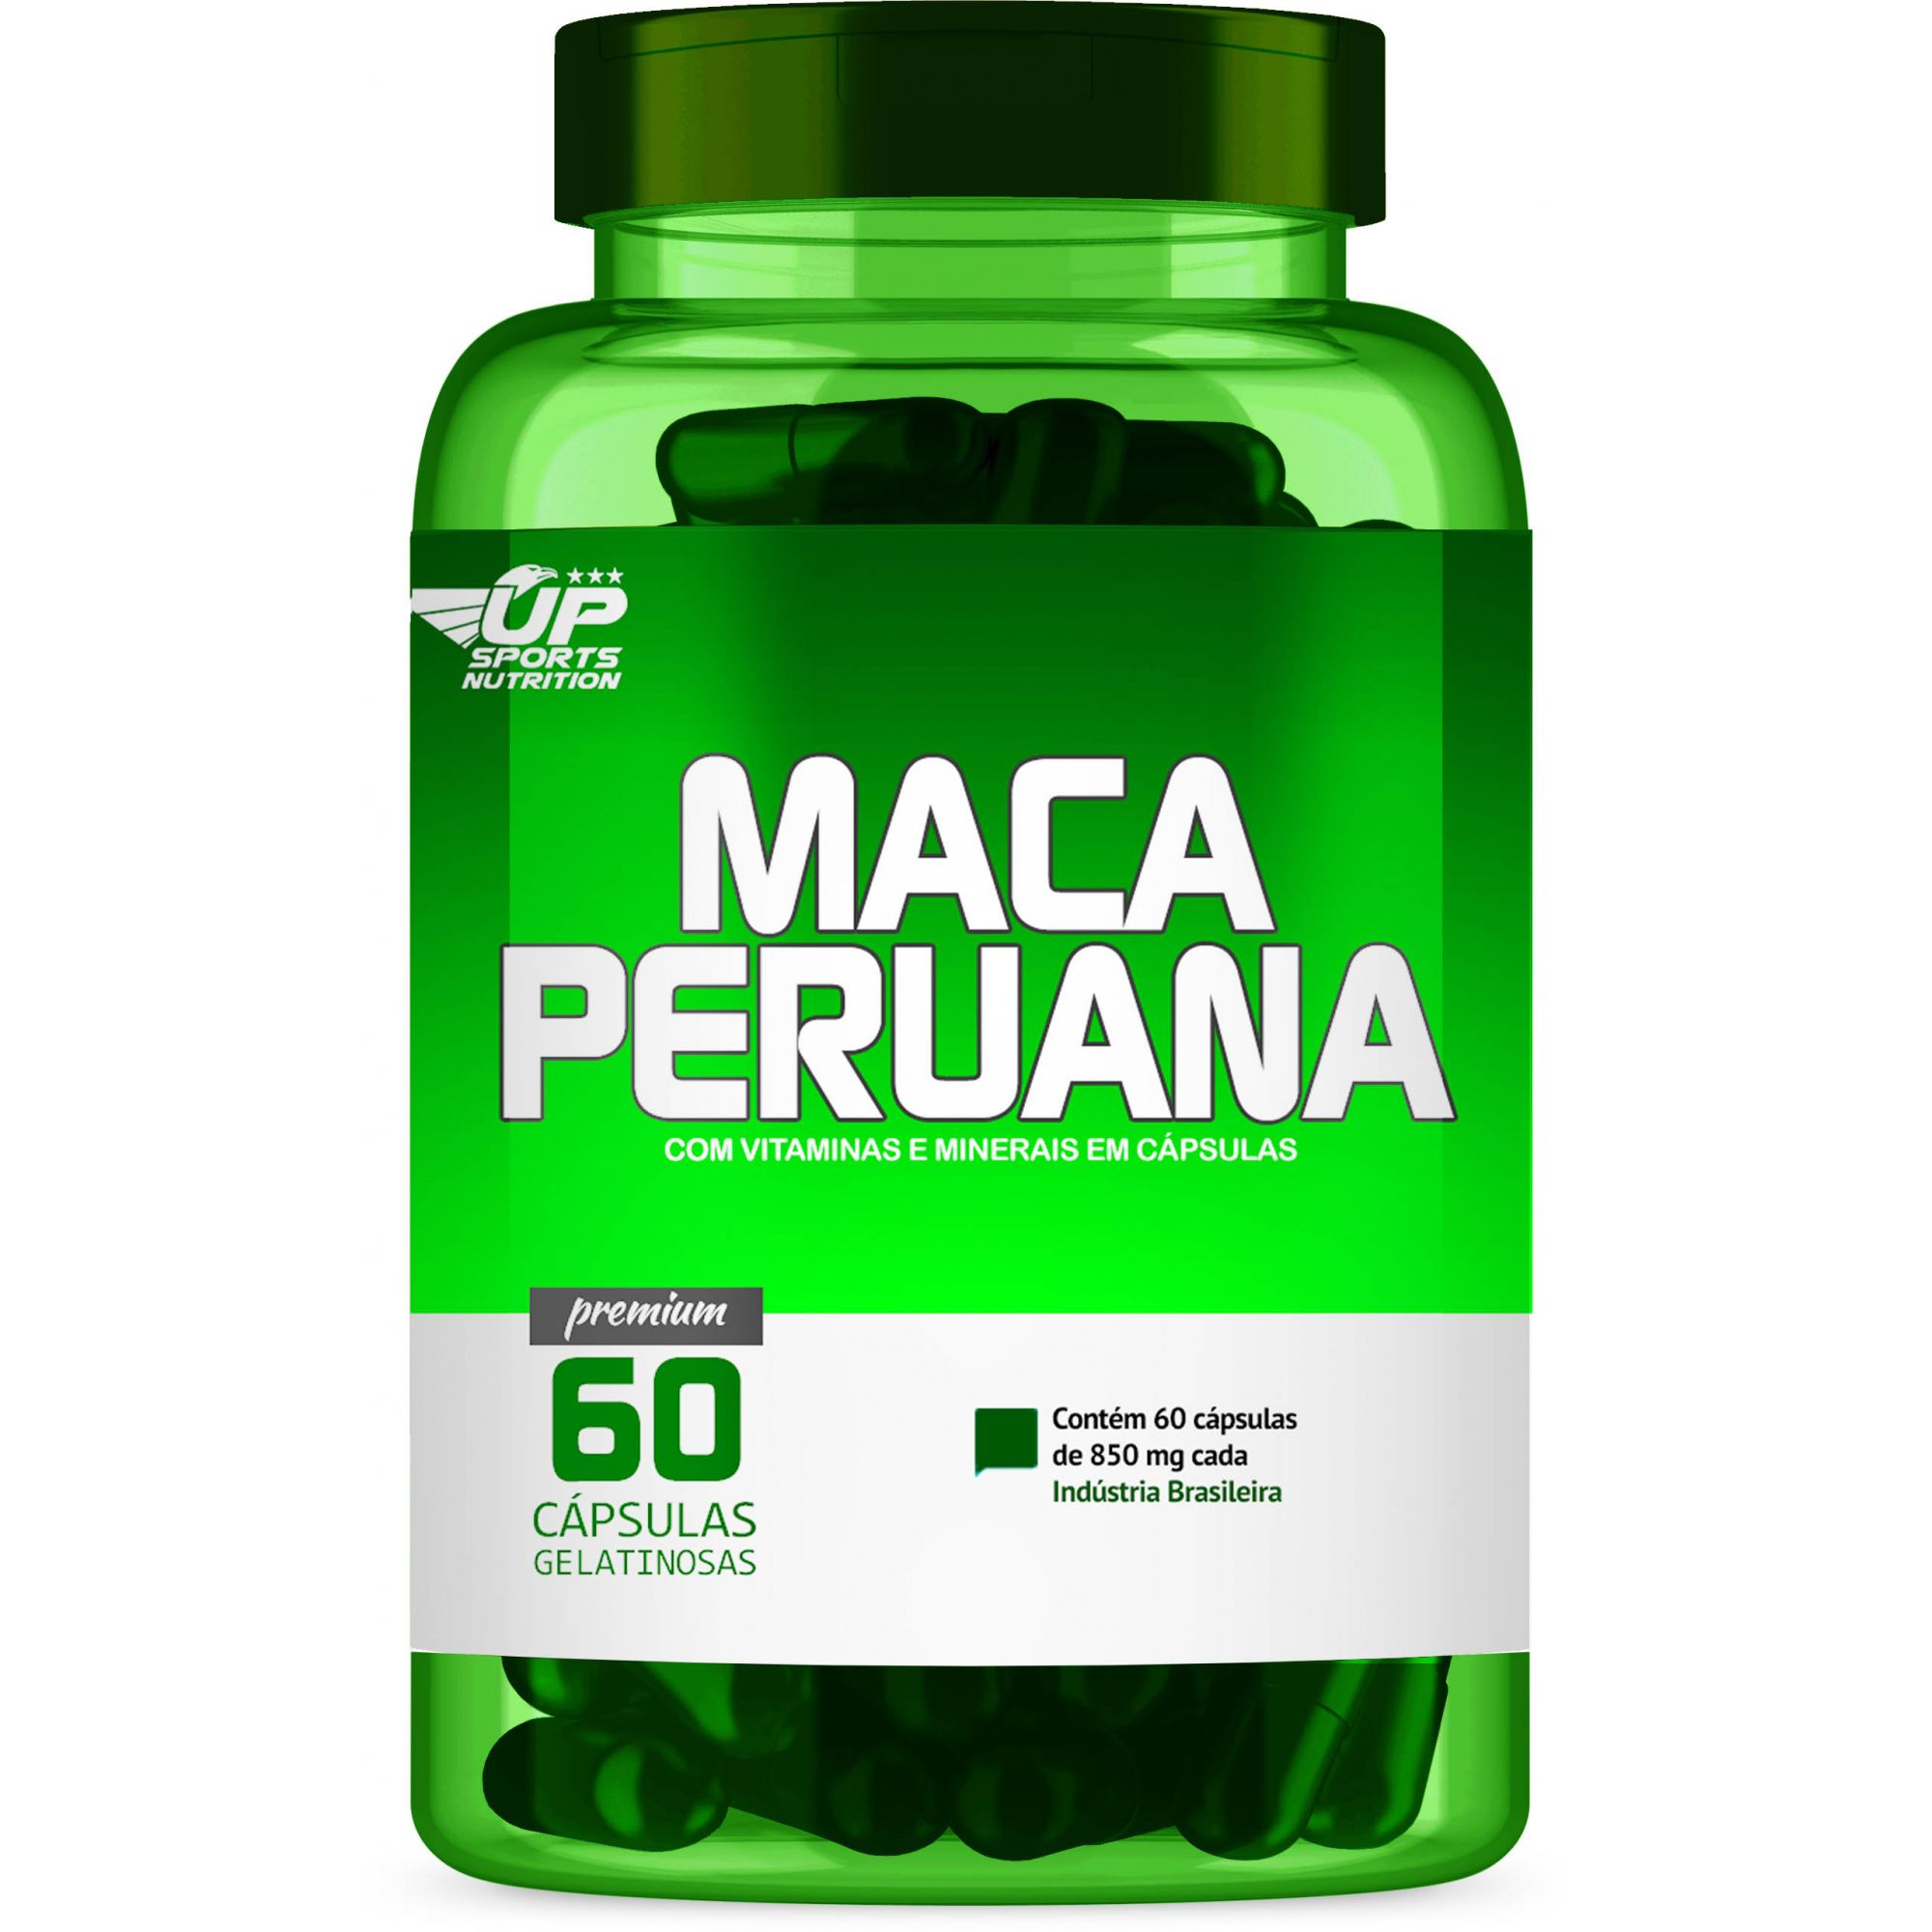 Maca Peruana 850mg com 60 cápsulas Up Sports Nutrition